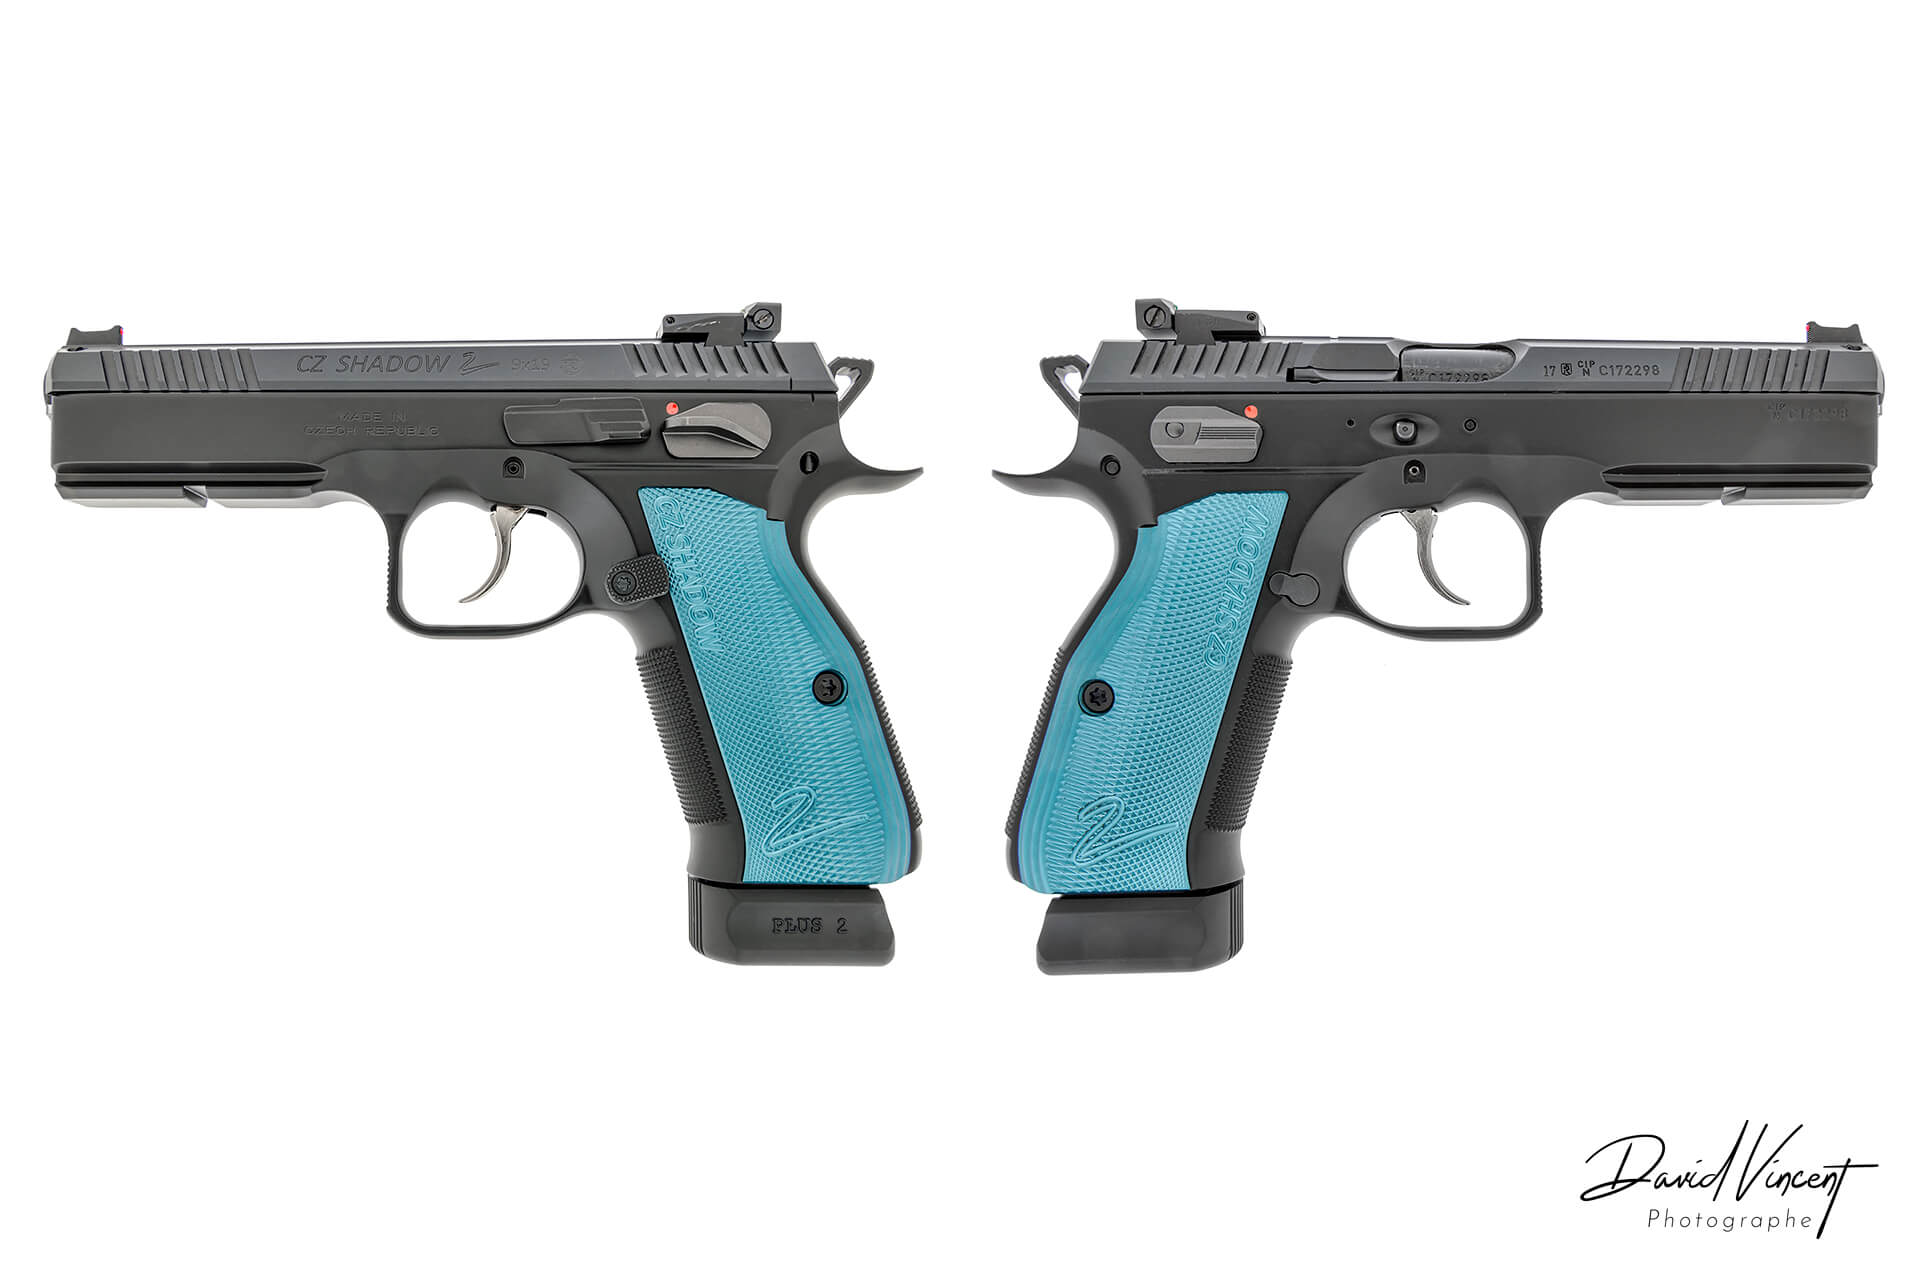 CZ Shadow 2 - Photographe d'armes à feu